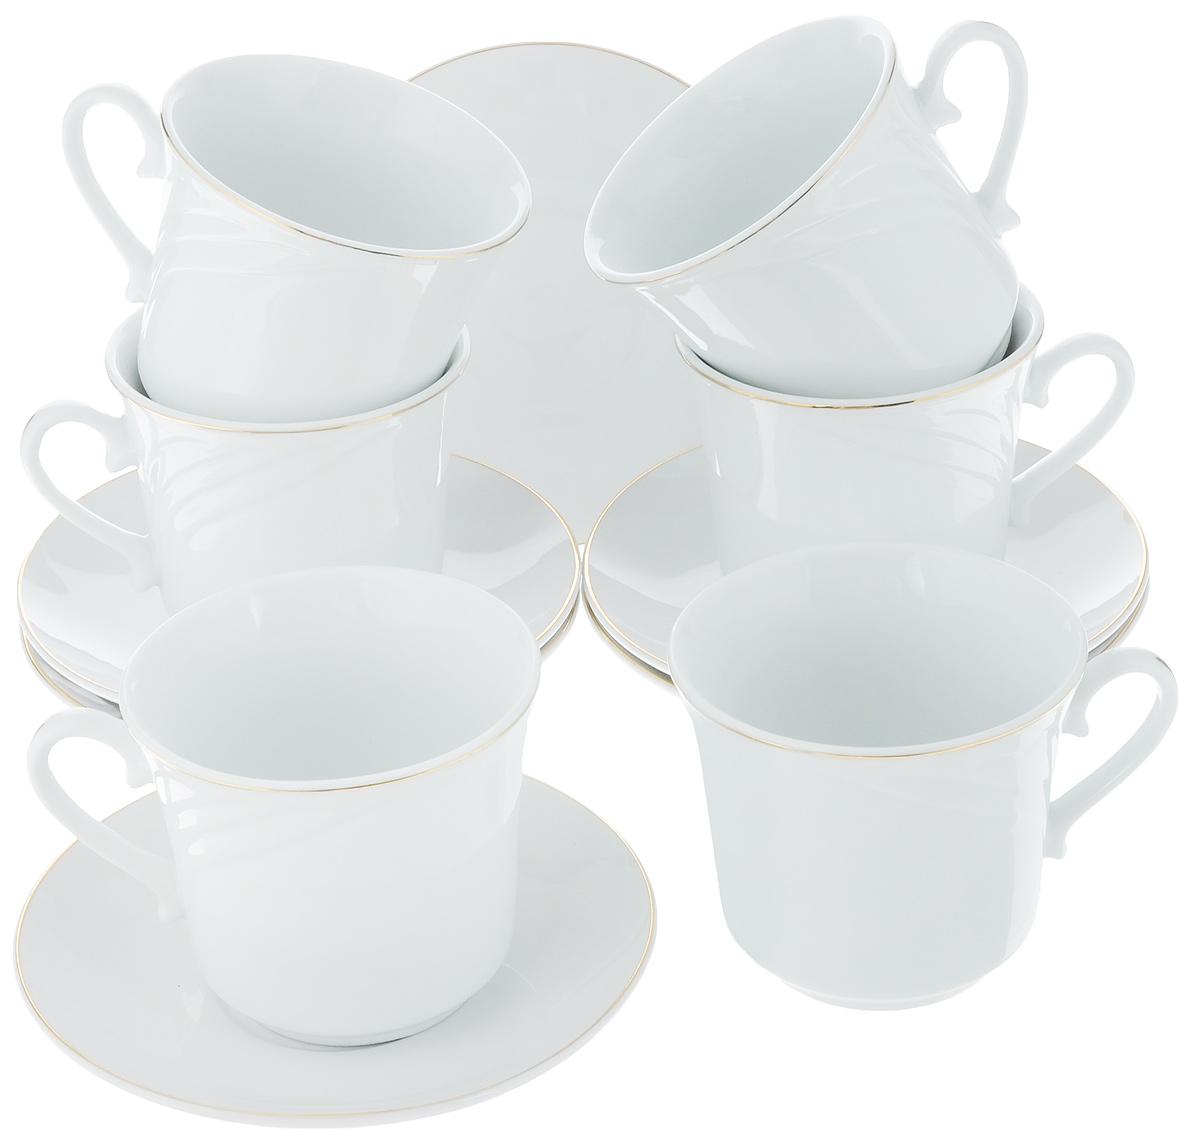 Набор чайный Loraine, 12 предметов. 25615115510Чайный набор Loraine состоит из 6 чашек и 6 блюдец, выполненных из высококачественного фарфора. Такой набор дополнит сервировку стола к чаепитию.Благодаря изысканному дизайну и качеству исполнения он станетзамечательным подарком для ваших друзей и близких. Набор упакован в подарочную коробку, задрапированную белойатласной тканью. Объем чашки: 220 мл. Диаметр чашки по верхнему краю: 8,5 см. Высота чашки: 7,5 см. Диаметр блюдца: 13,5 см.Высота блюдца: 2 см.